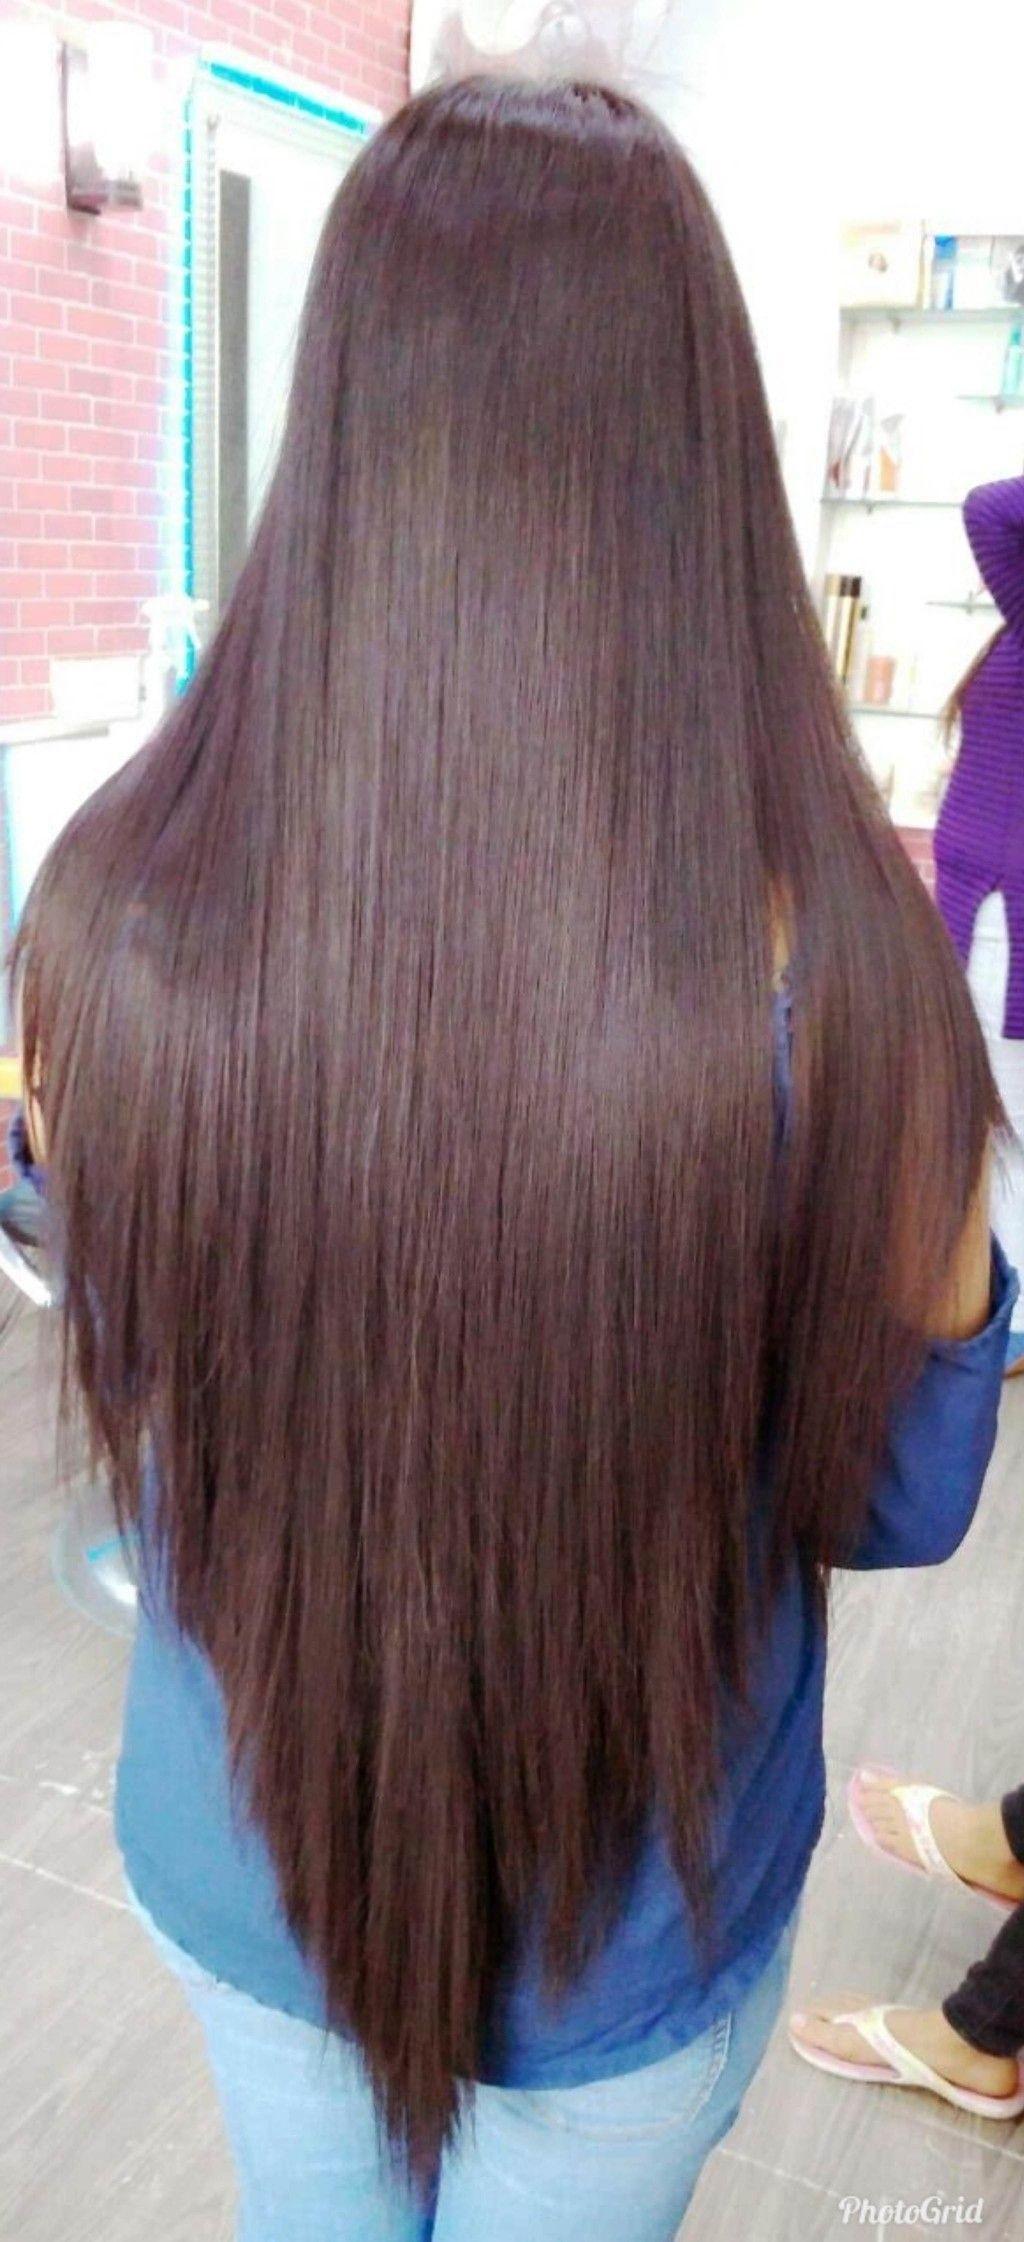 Cortes de cabello largo en uve